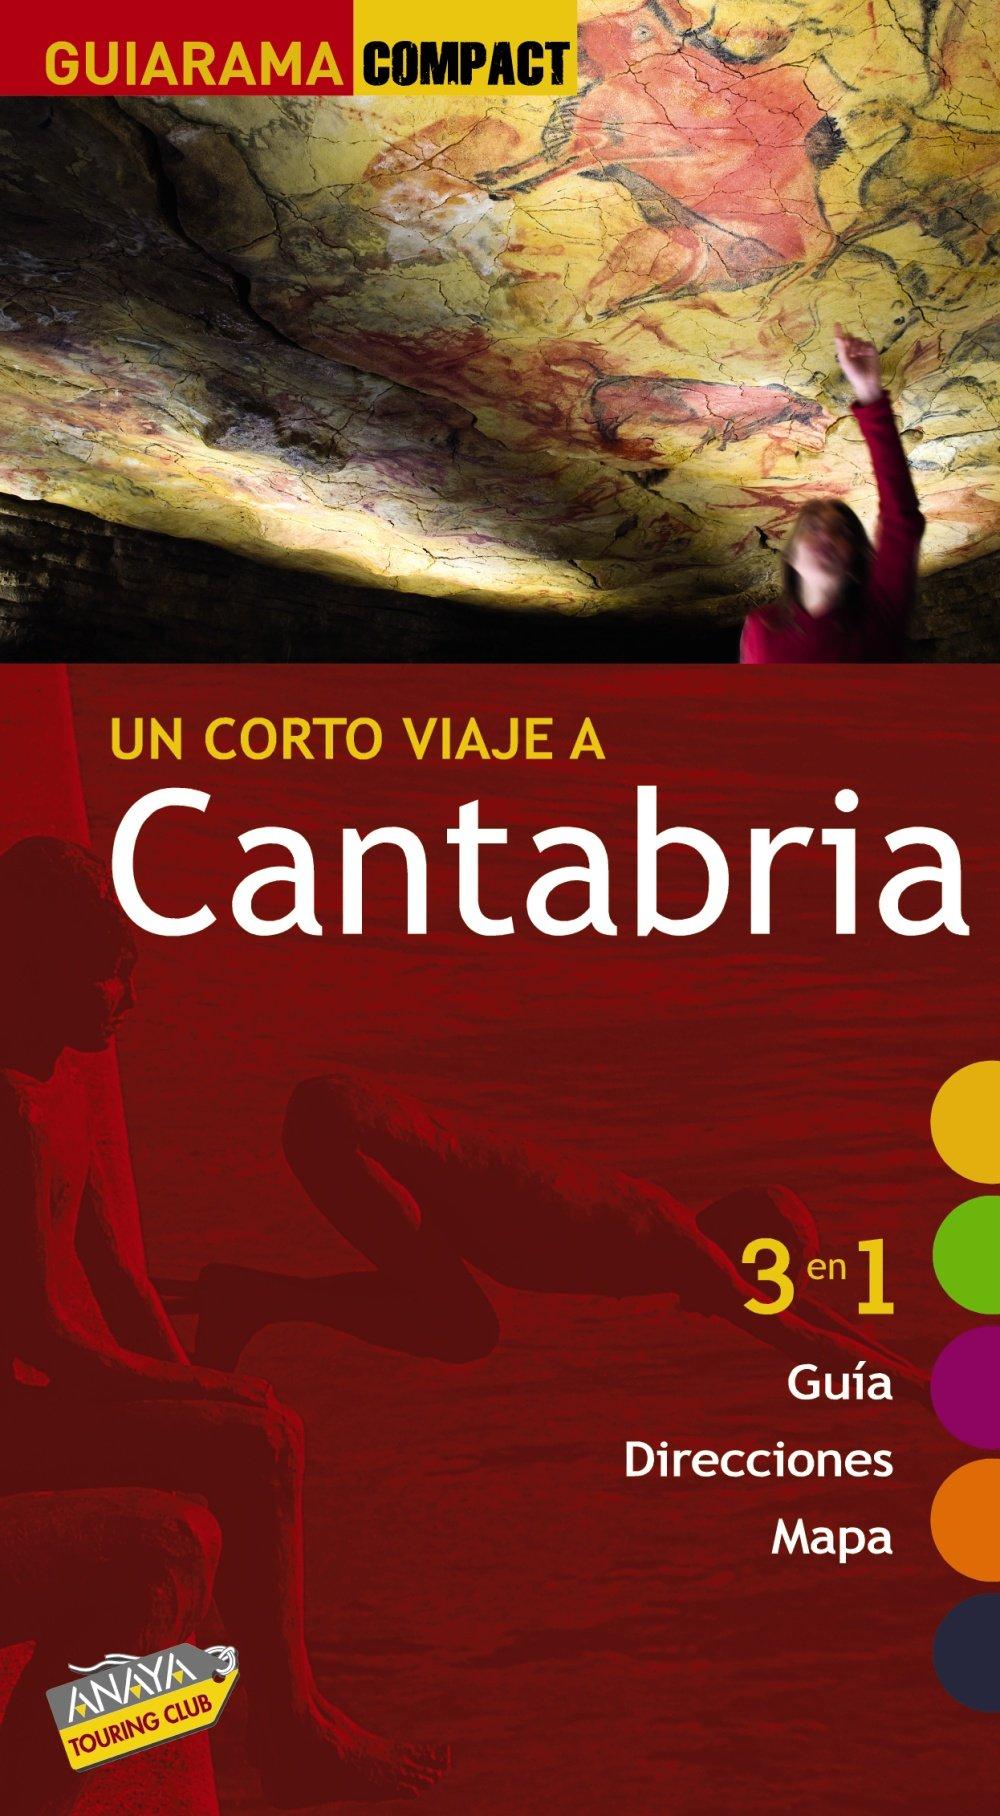 Un corto viaje a Cantabria 2010: 3 en 1 guía, direcciones, mapa guía compact Guiarama Compact - España: Amazon.es: Castro Gomez, Jesús De: Libros